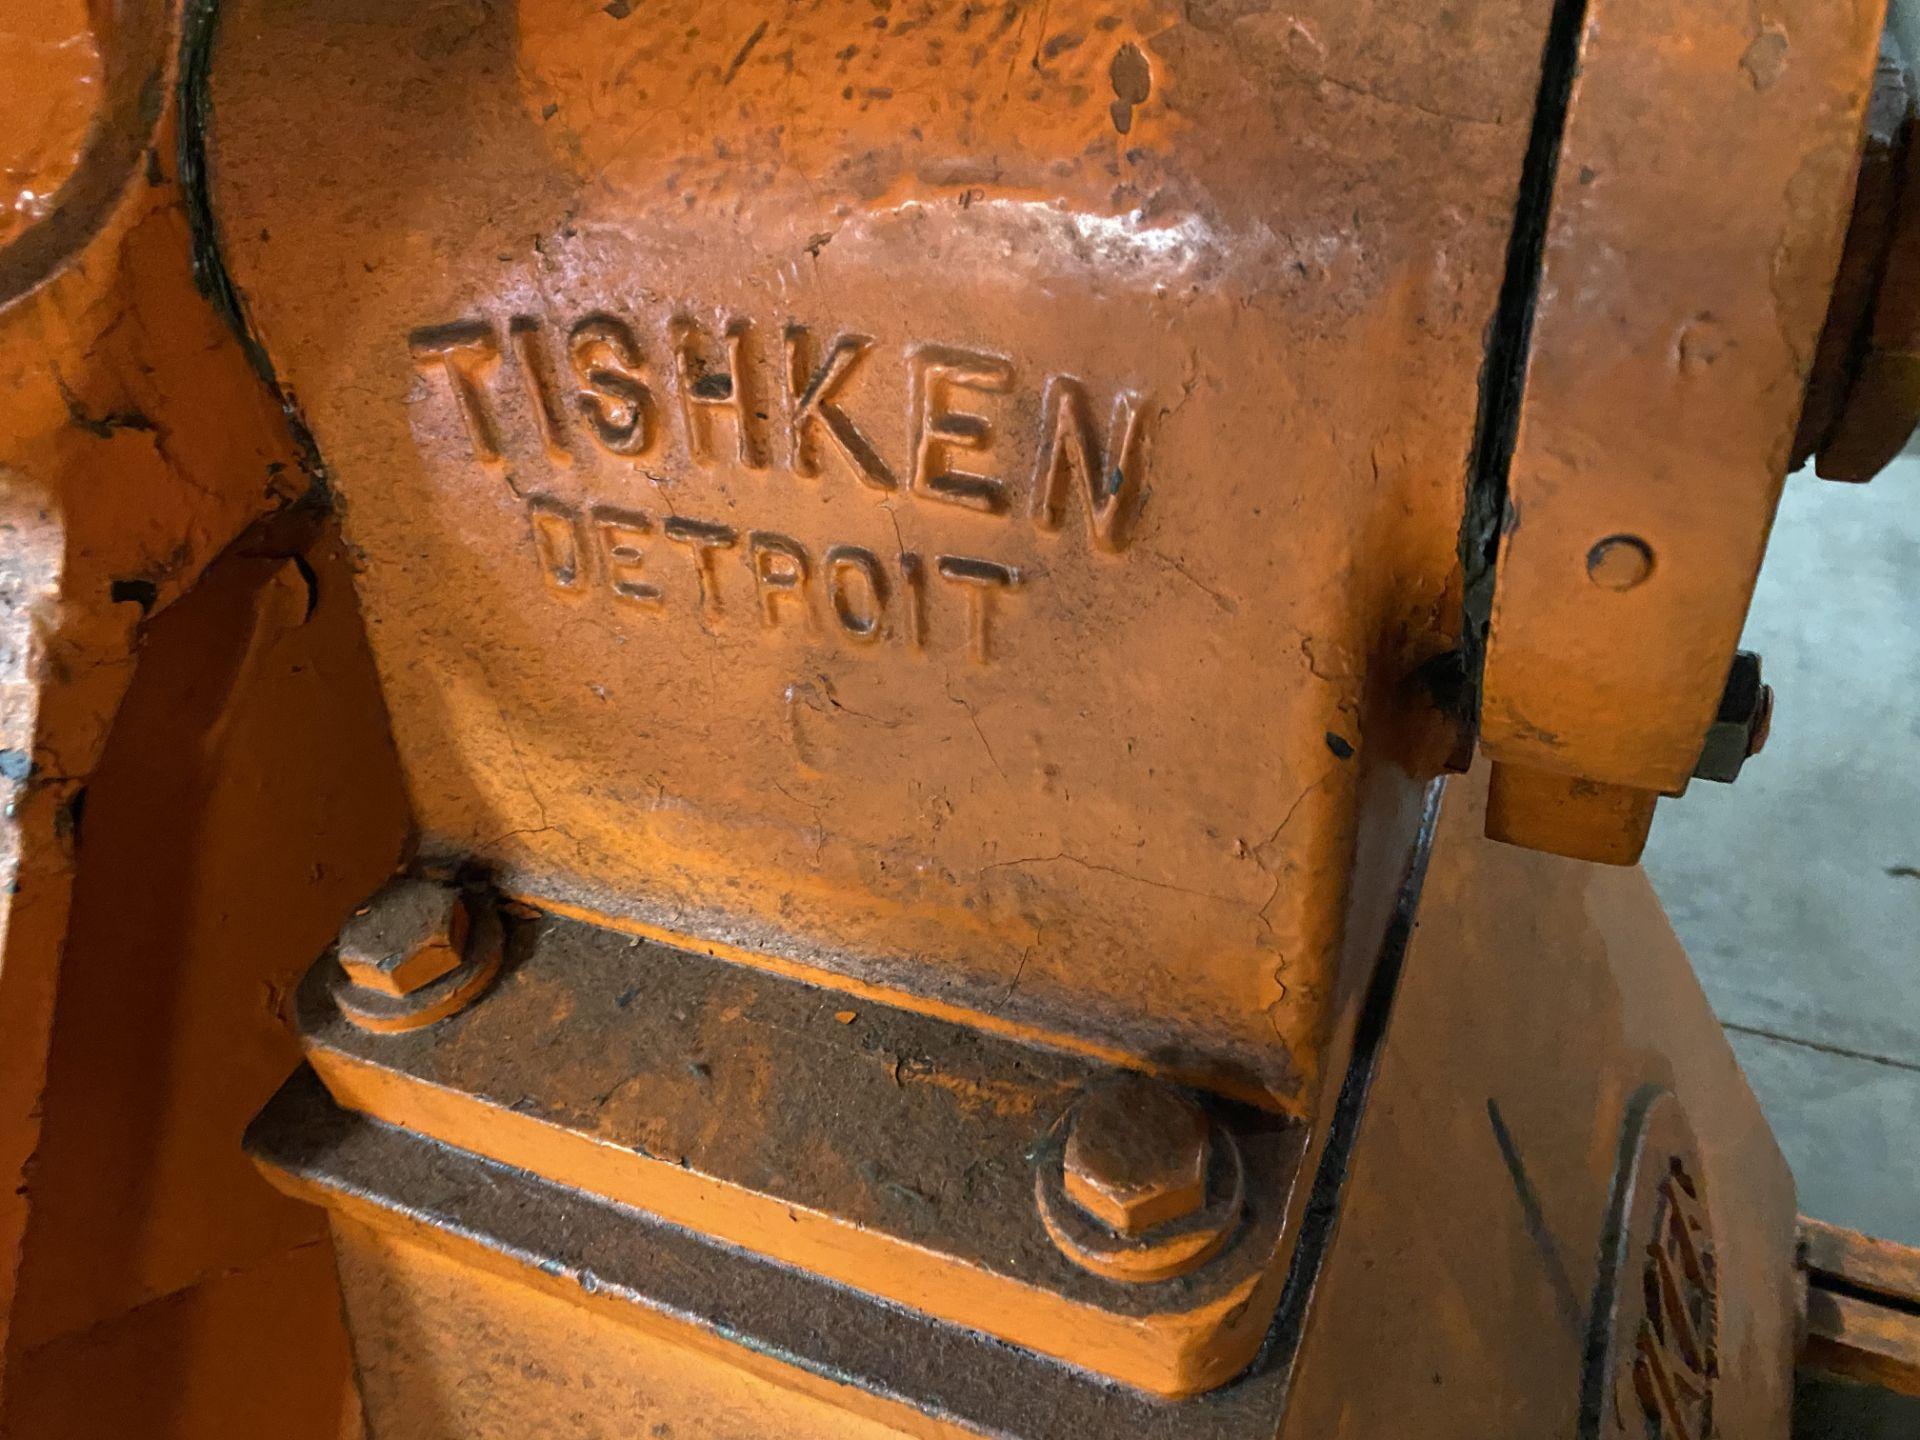 Tishken #MR-12, Non-Motorized Coil Reel - Image 3 of 5